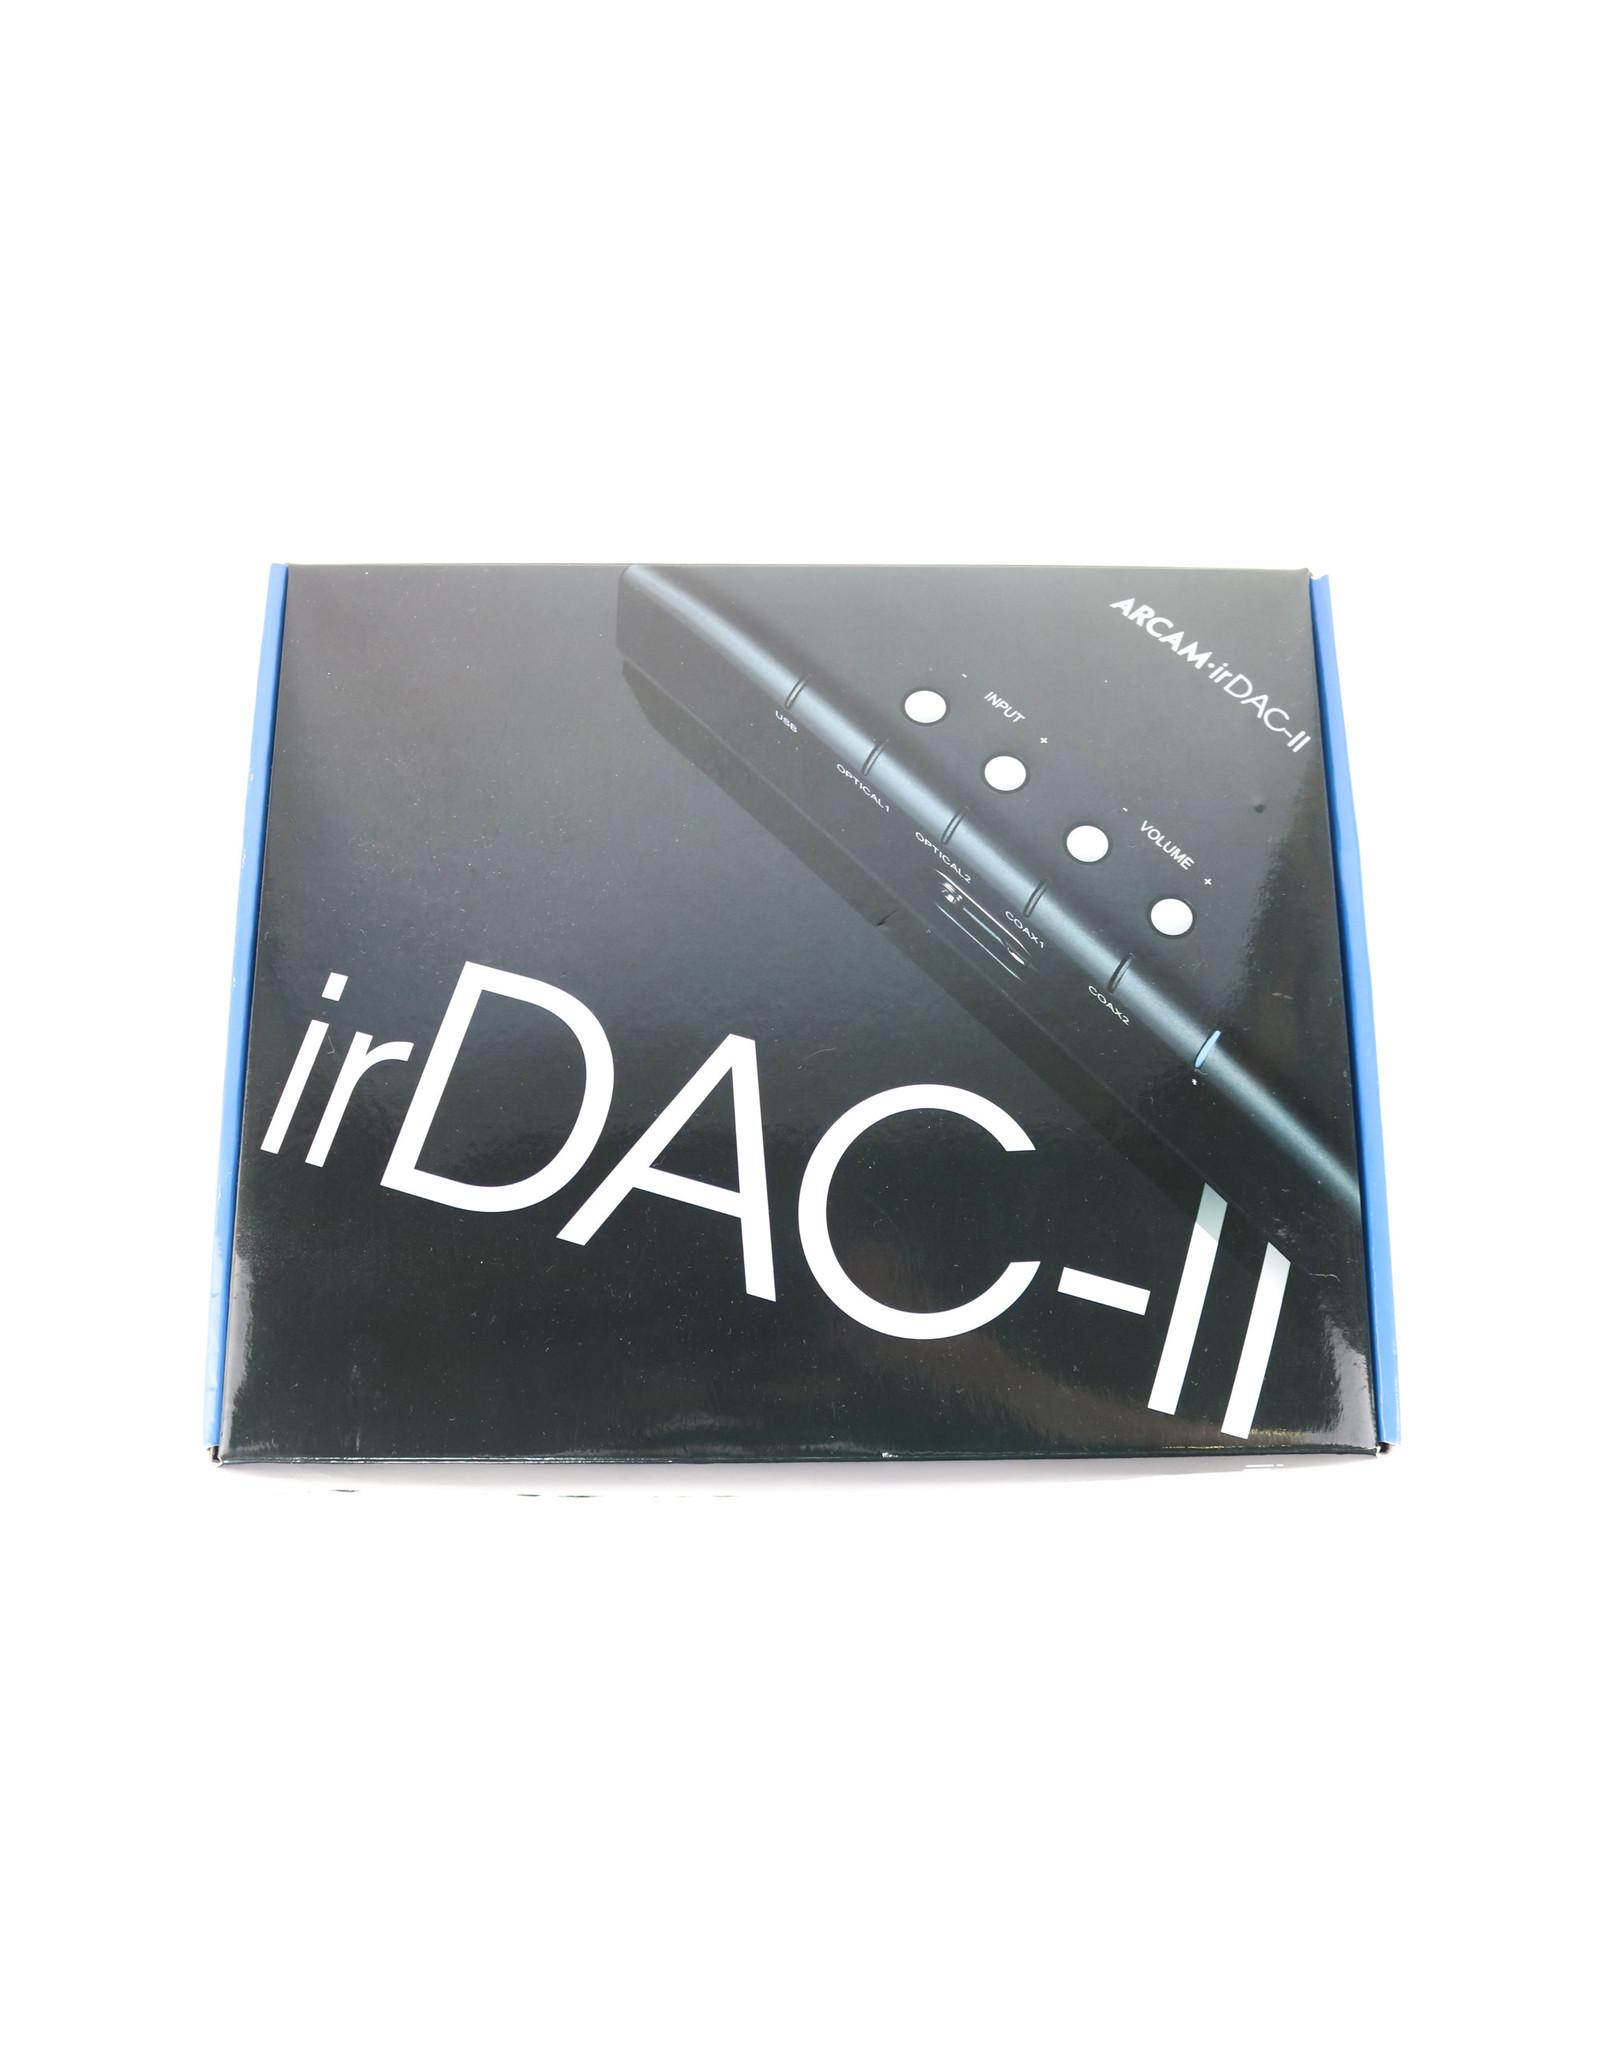 Arcam Arcam irDAC-II DAC USED